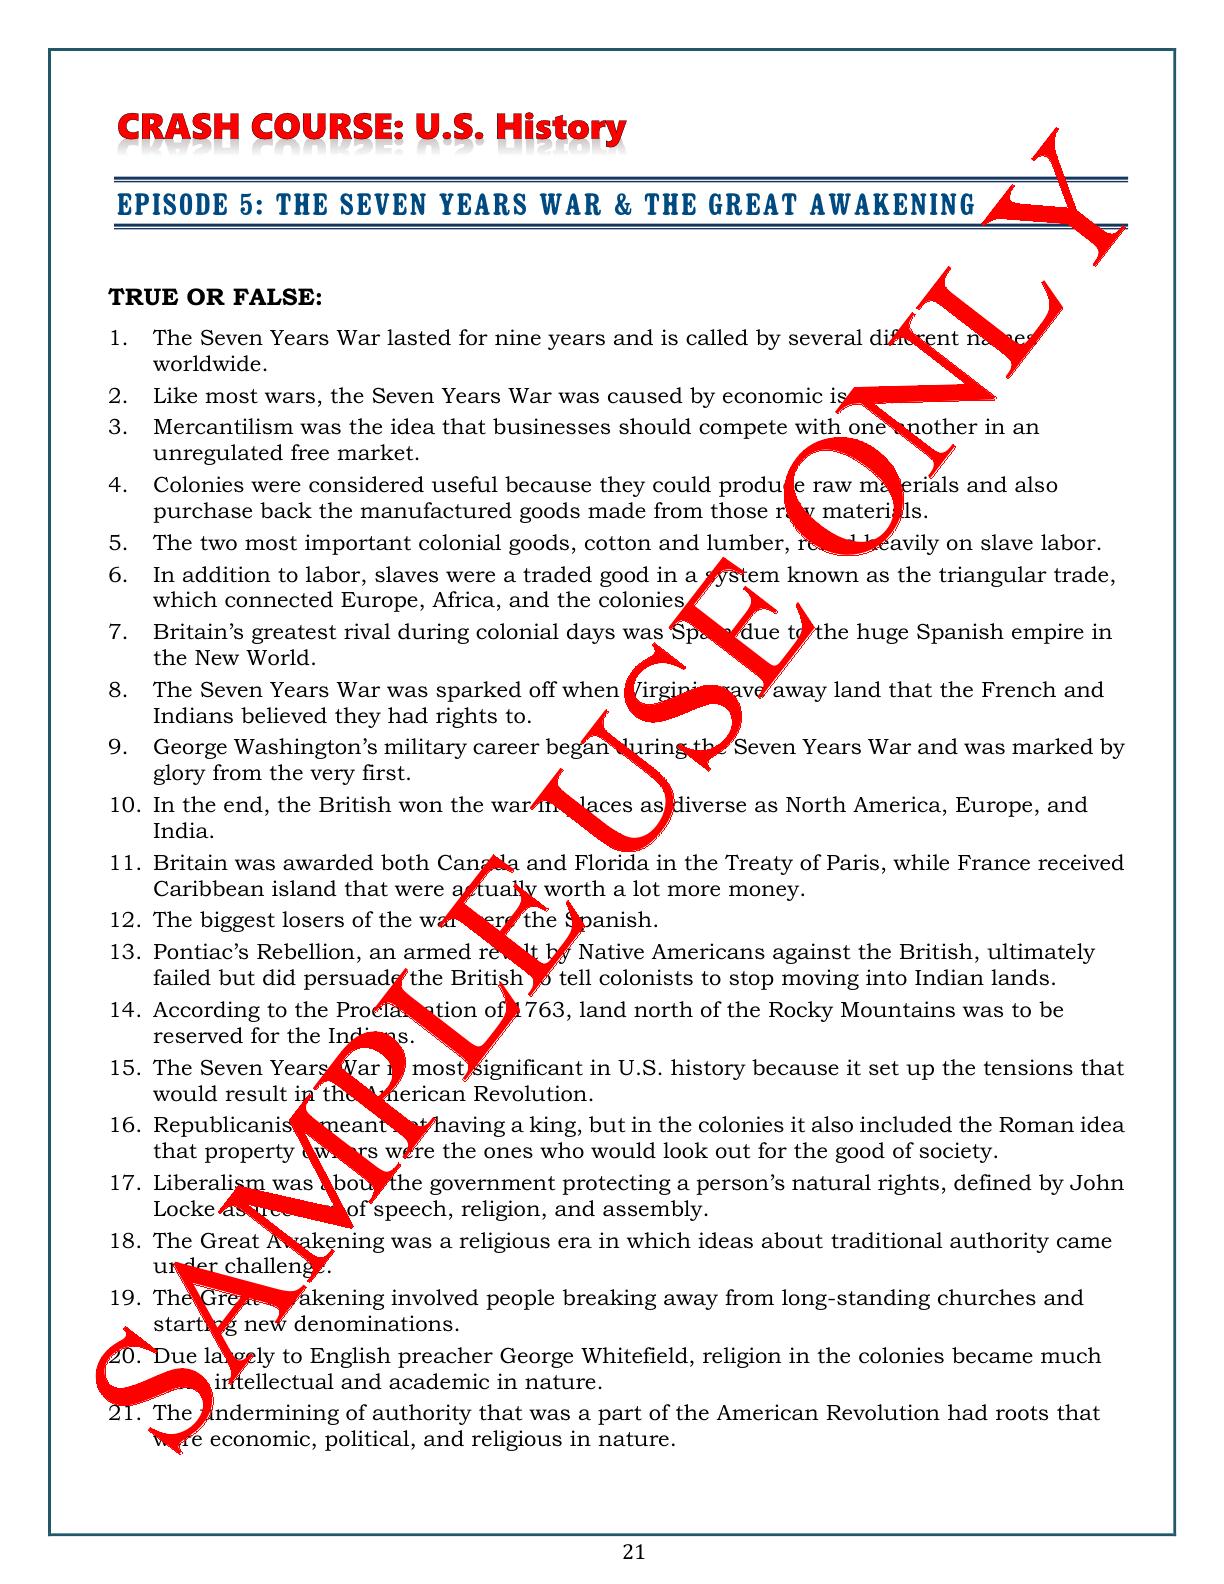 DISTANCE LEARNING Crash Course U.S. History Worksheets: Episodes 1-5 BUNDLE    History worksheets [ 1584 x 1224 Pixel ]